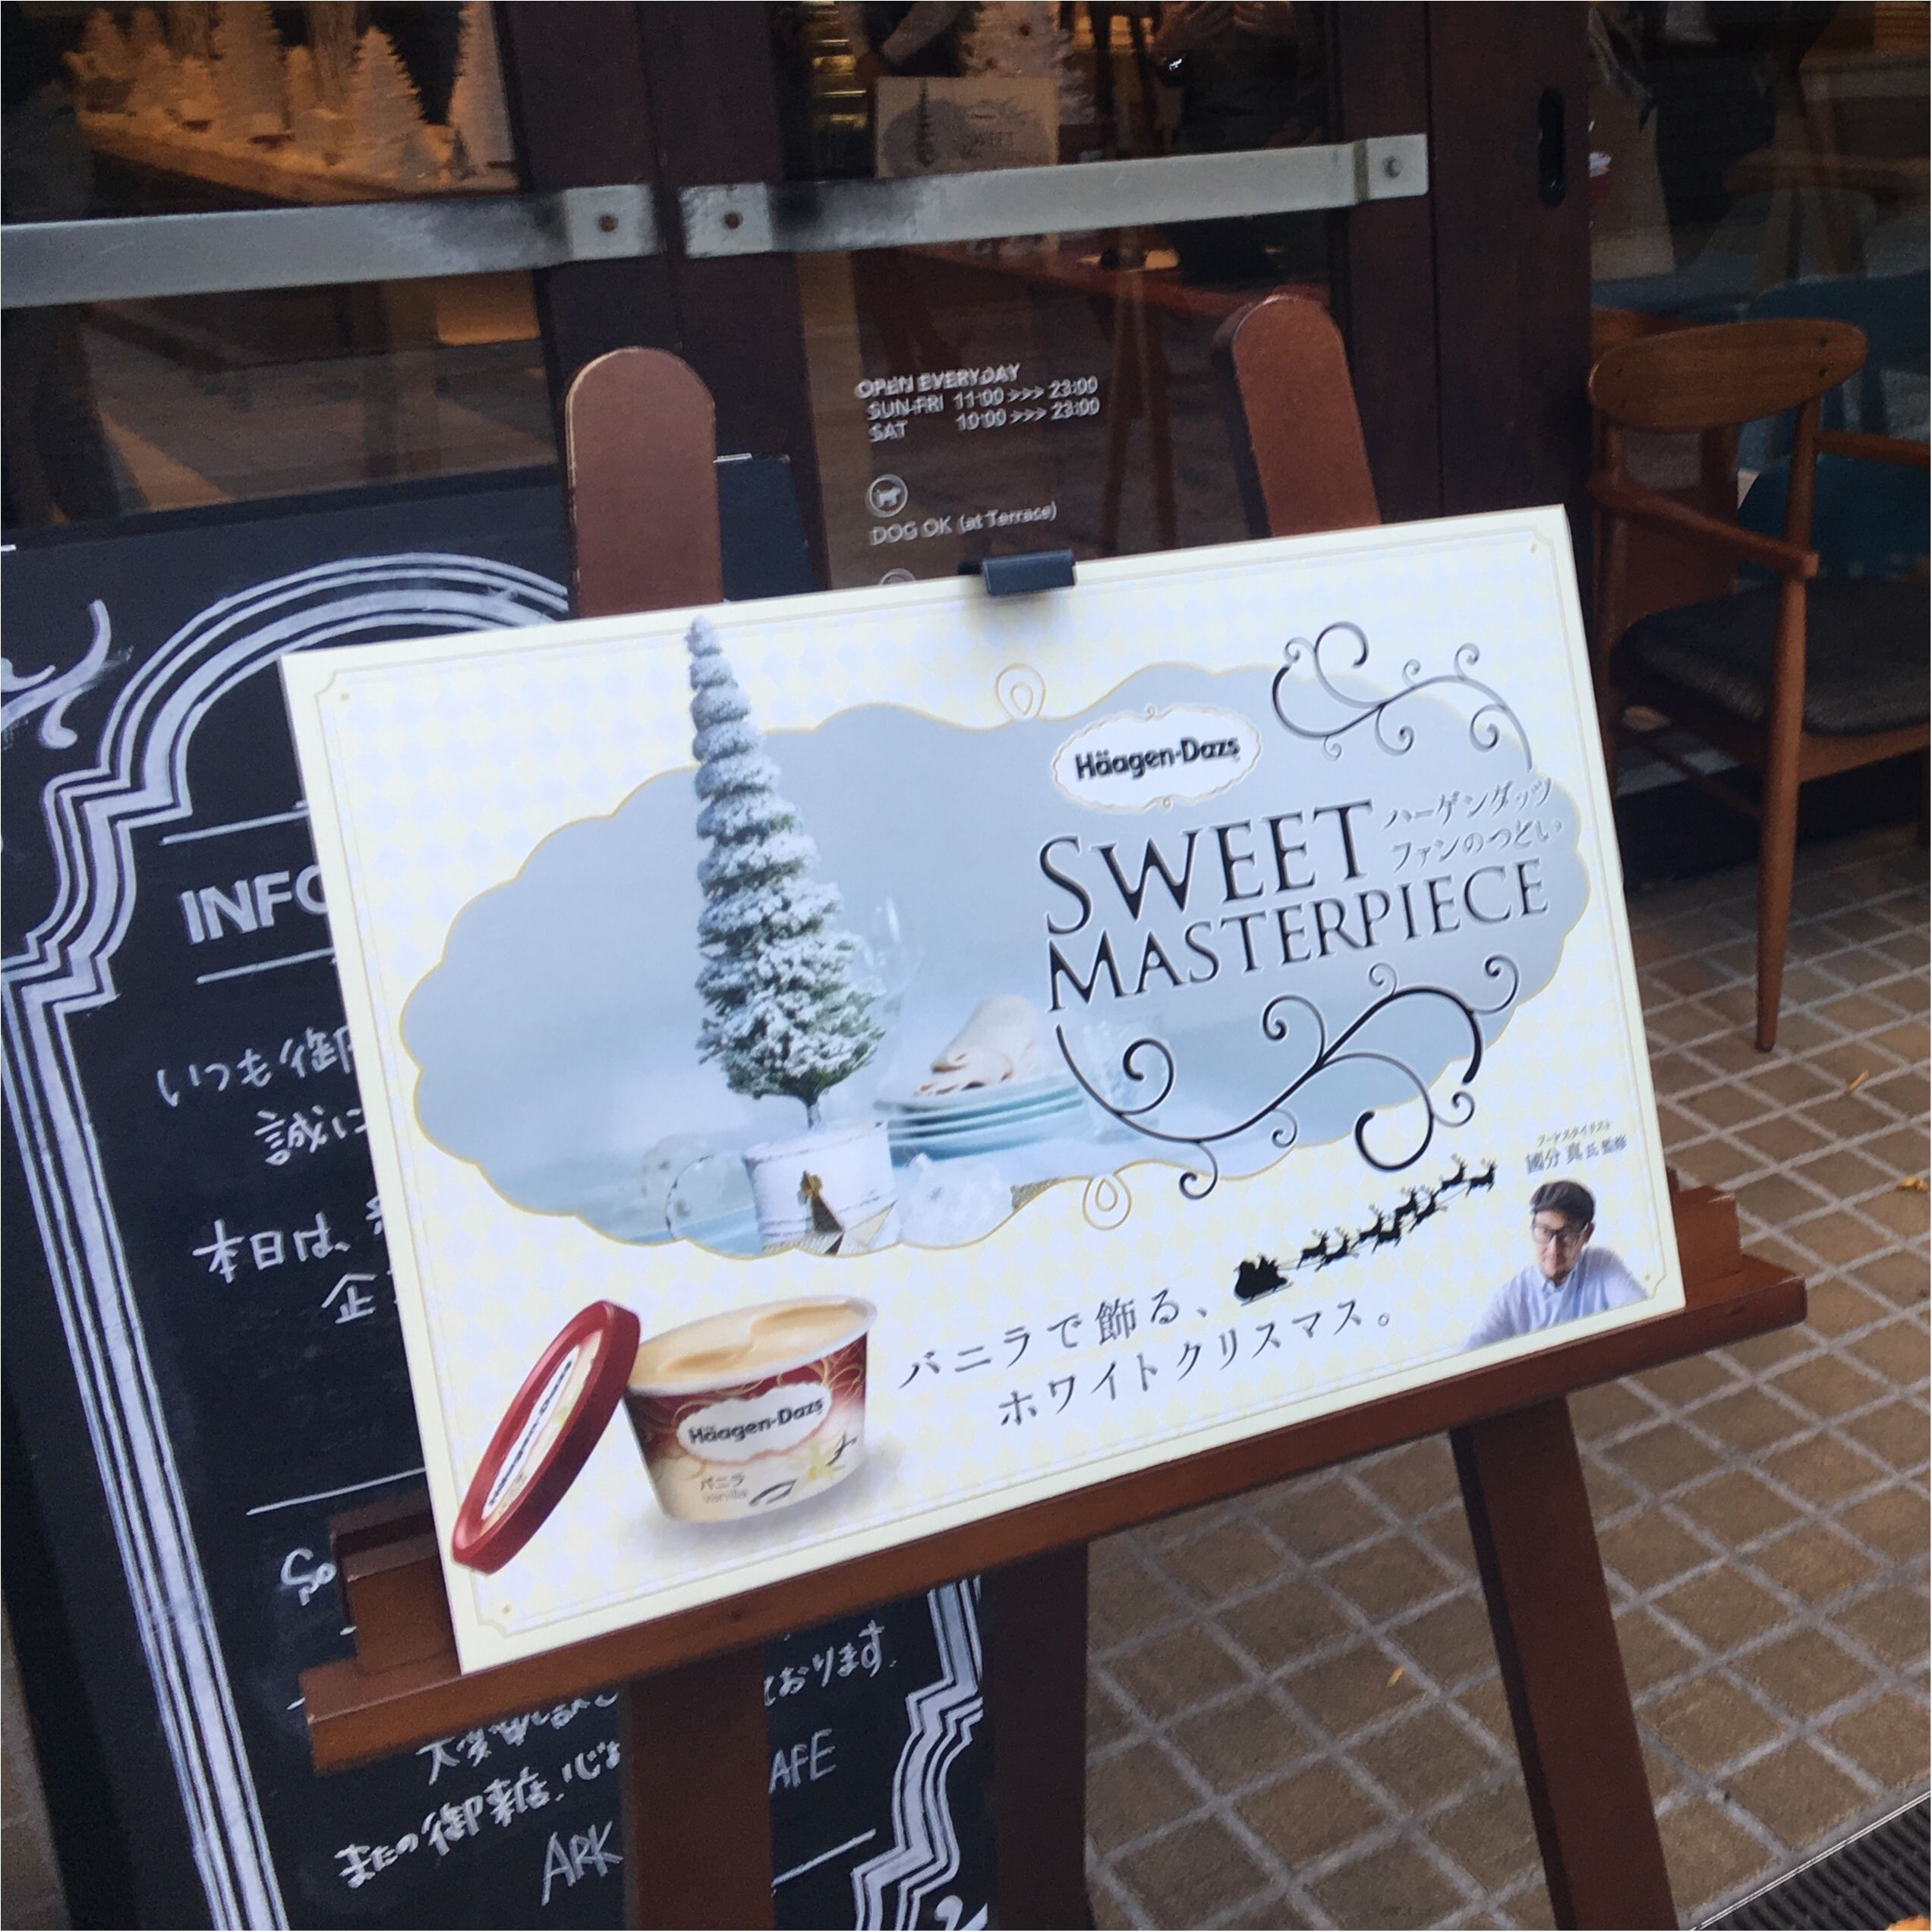 【レポ】12/5発売のあのアイスも先に食べれた『ハーゲンダッツクリスマスパーティー』は倍率250倍⁉︎_1